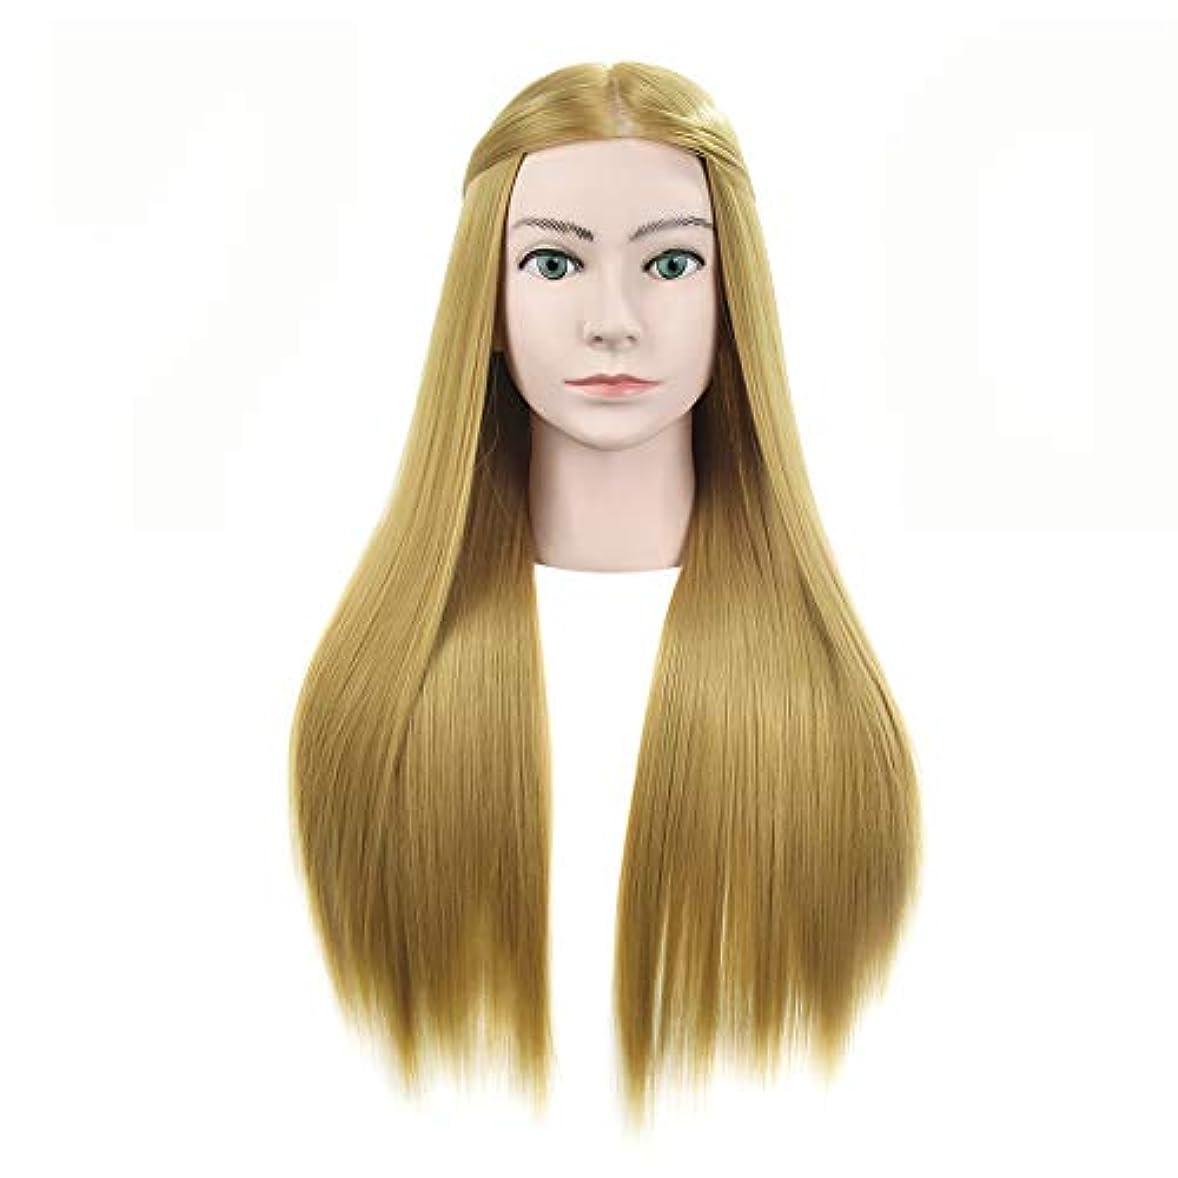 つかの間ソブリケット発行するメイクディスクヘアスタイリング編み教育ダミーヘッドサロンエクササイズヘッド金型理髪ヘアカットトレーニングかつら